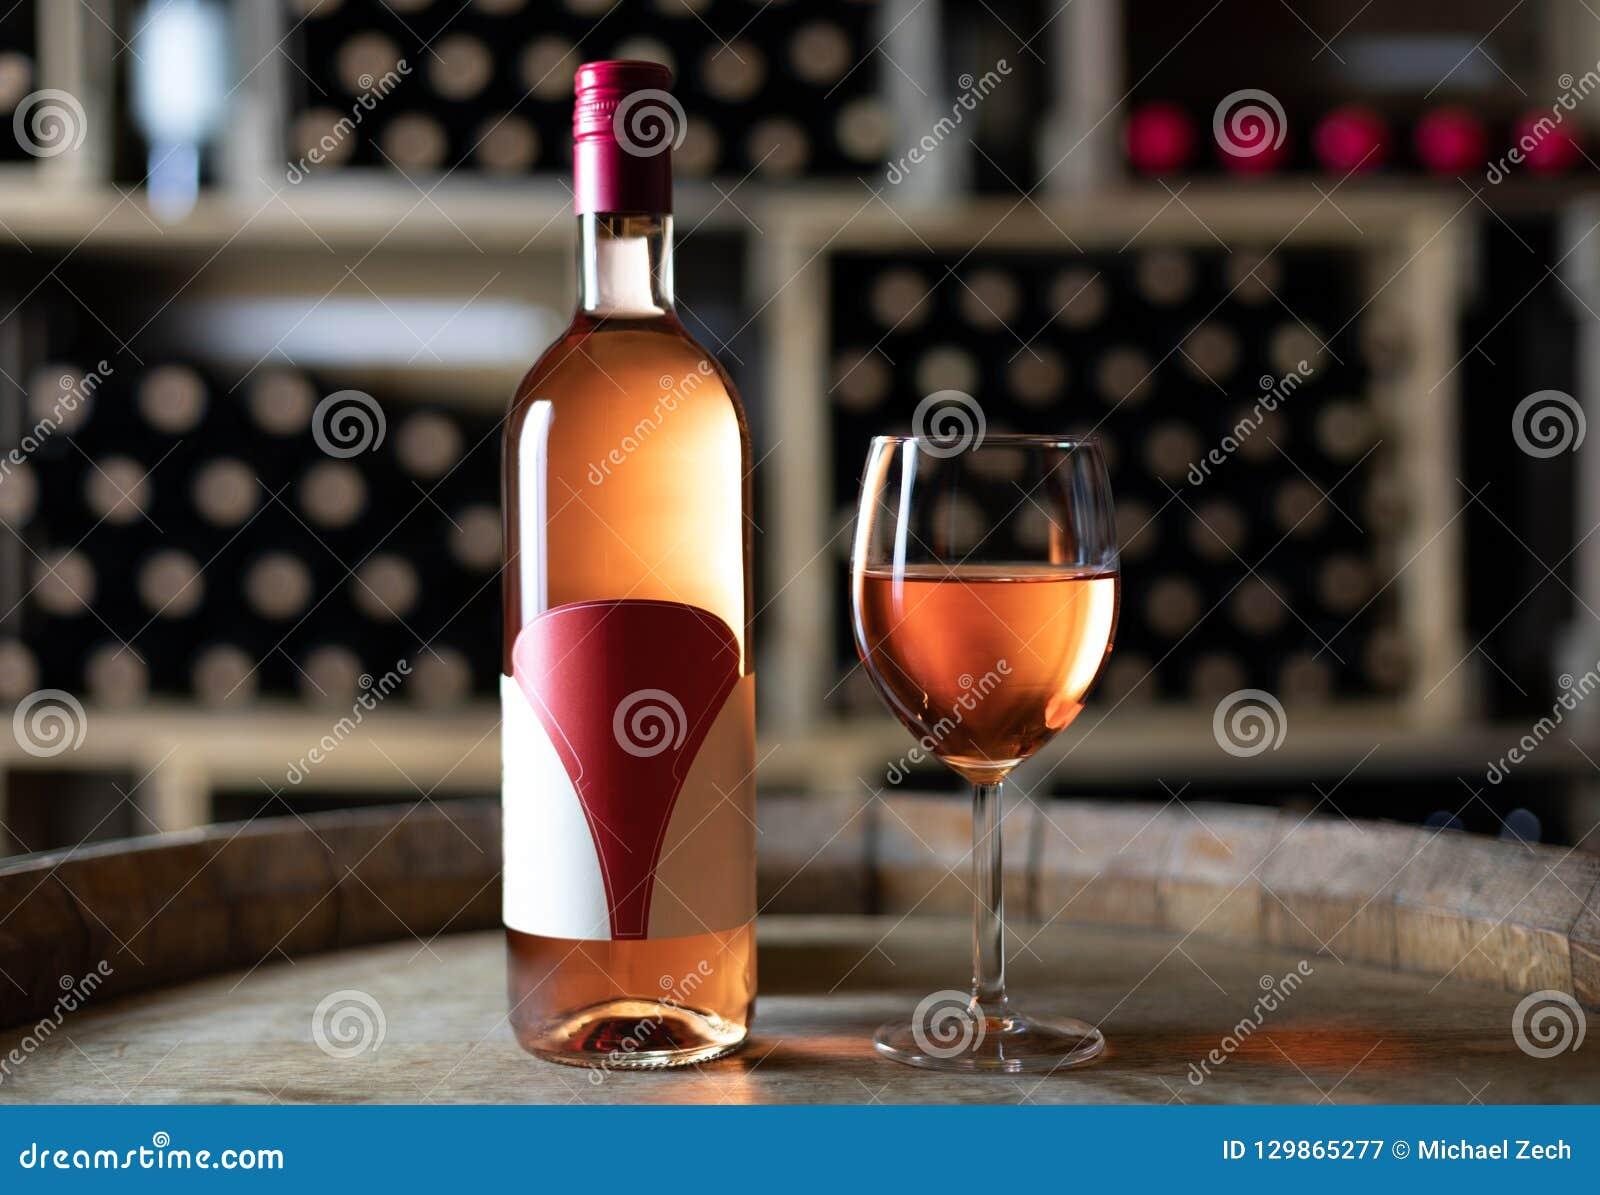 Αυξήθηκε μπουκάλι κρασιού με γεμισμένο wineglass σε ένα βαρέλι σε ένα κελάρι